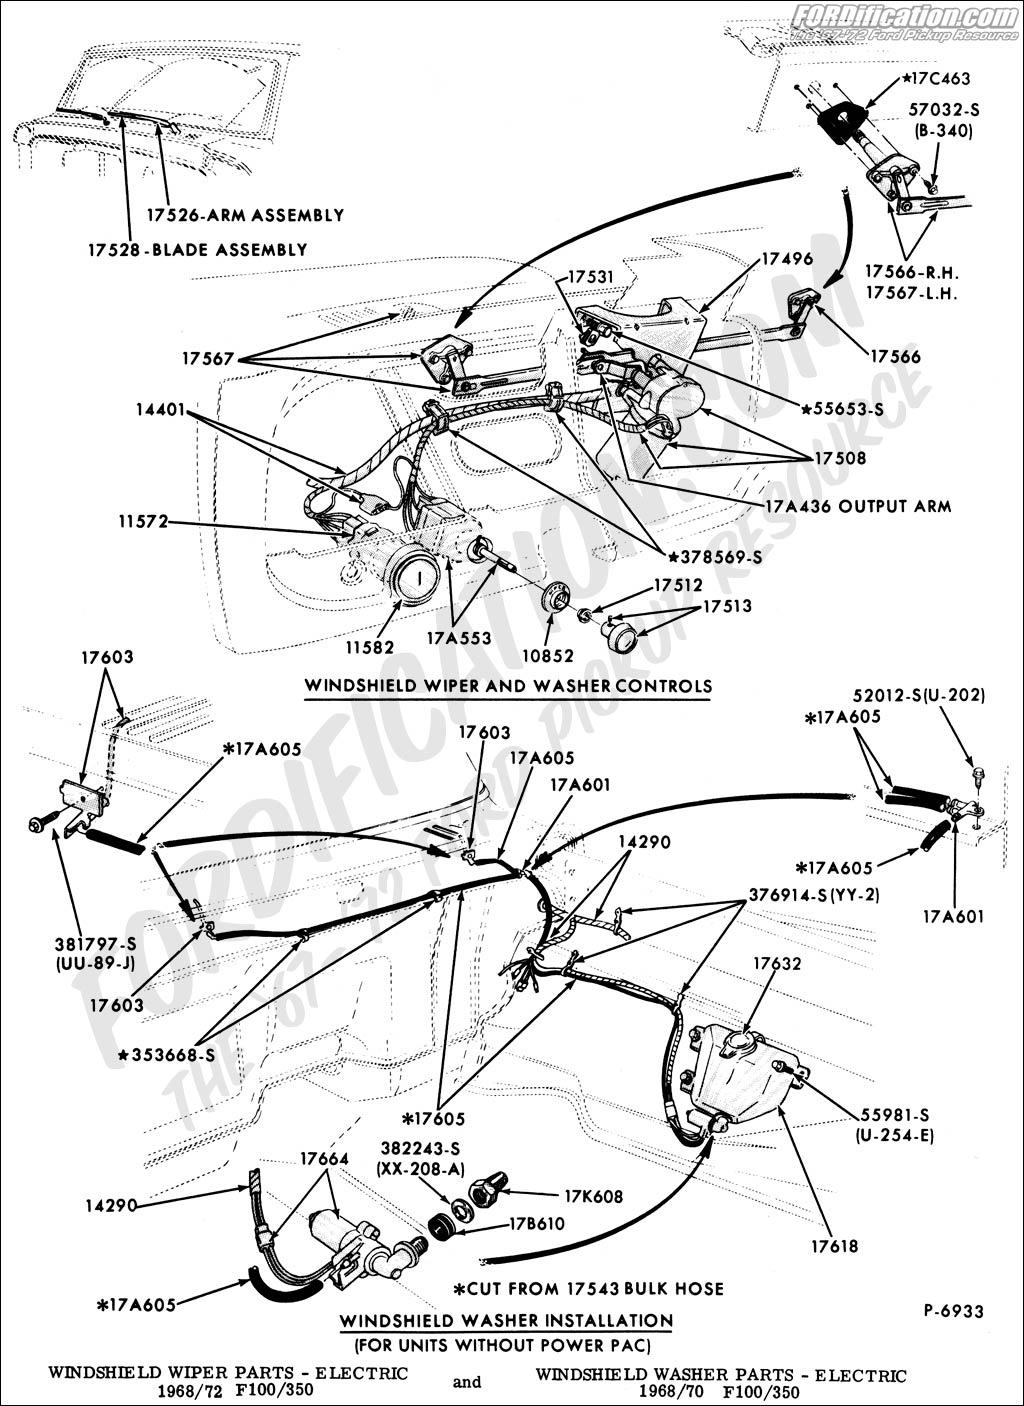 windshieldwasherwiperparts?resize\=665%2C913 1964 mustang alternator wiring diagrams,alternator free download 1969 mustang alternator wiring diagram at gsmportal.co